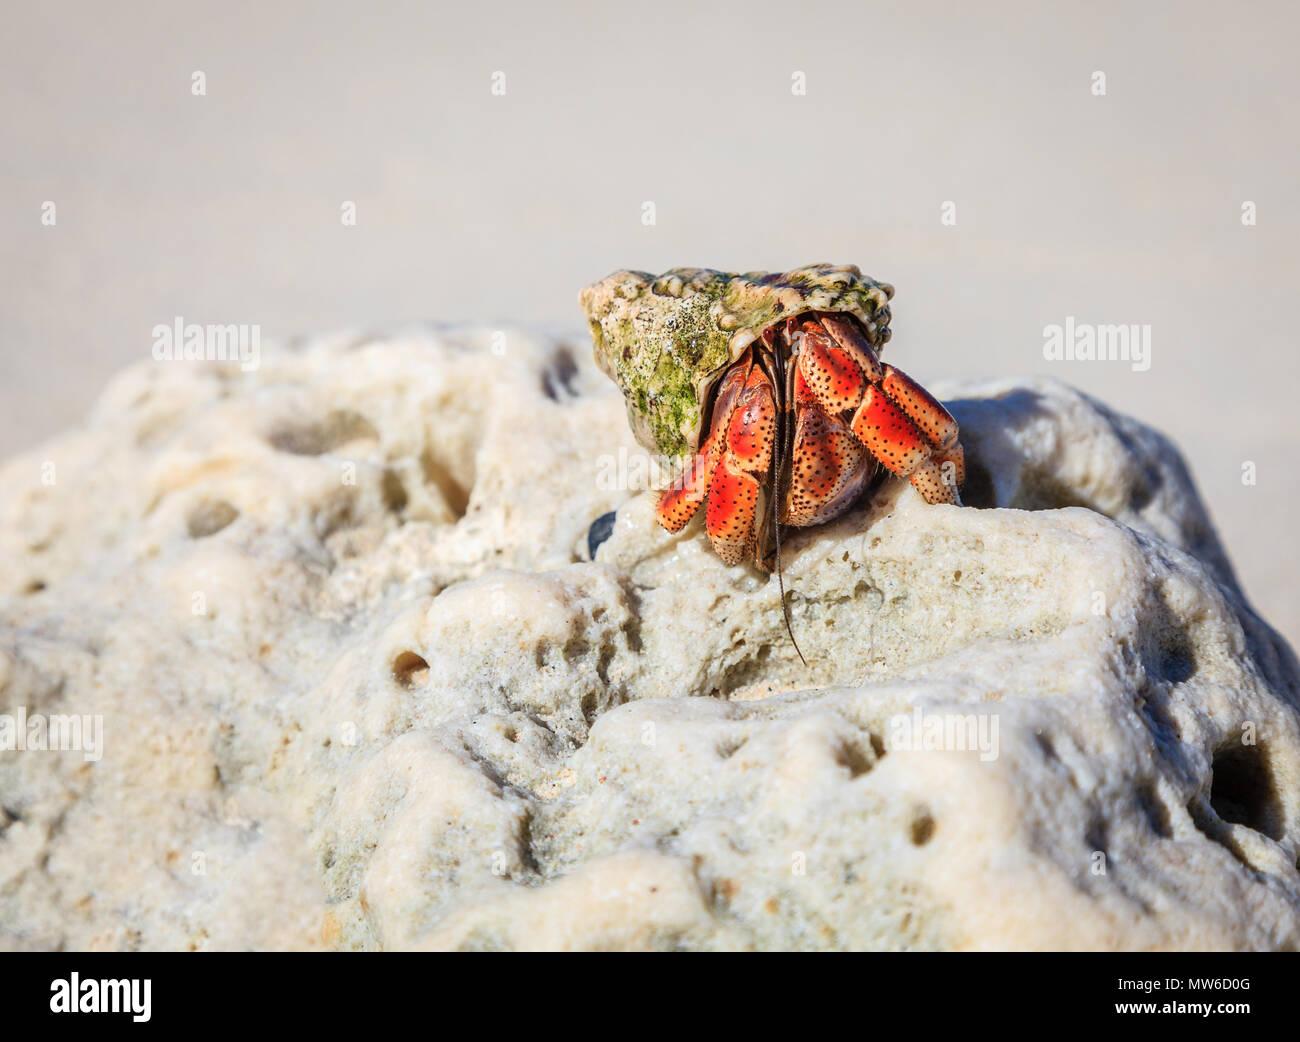 Cangrejo ermitaño emerge de su concha en una playa en las Islas Vírgenes Británicas Imagen De Stock